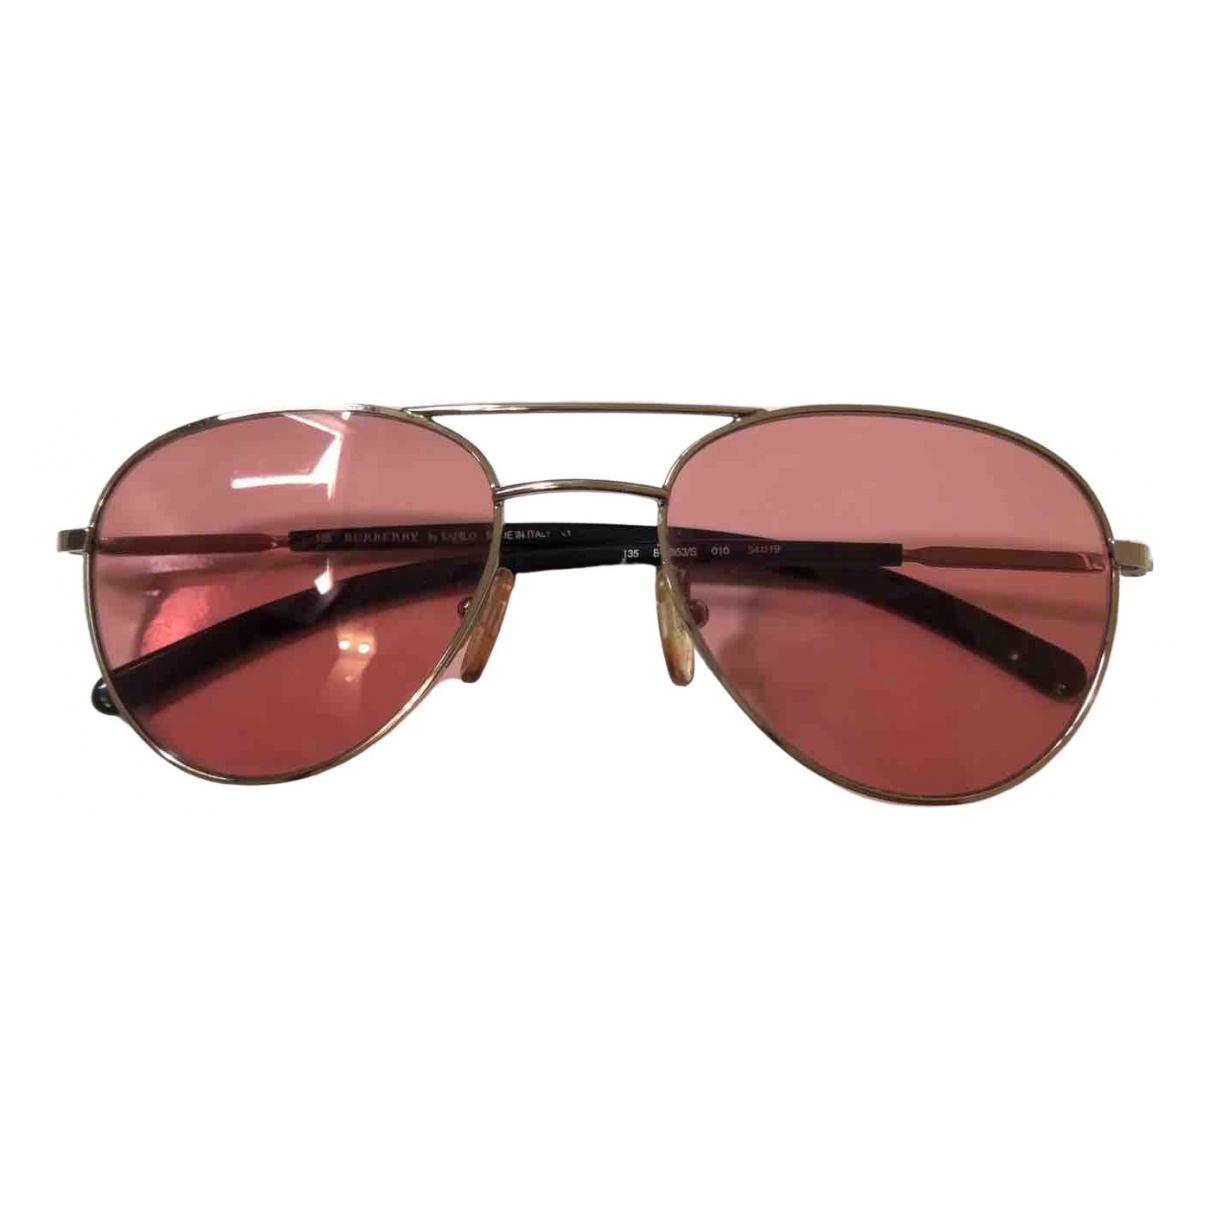 Burberry - Lunettes   pour femme en metal - rose